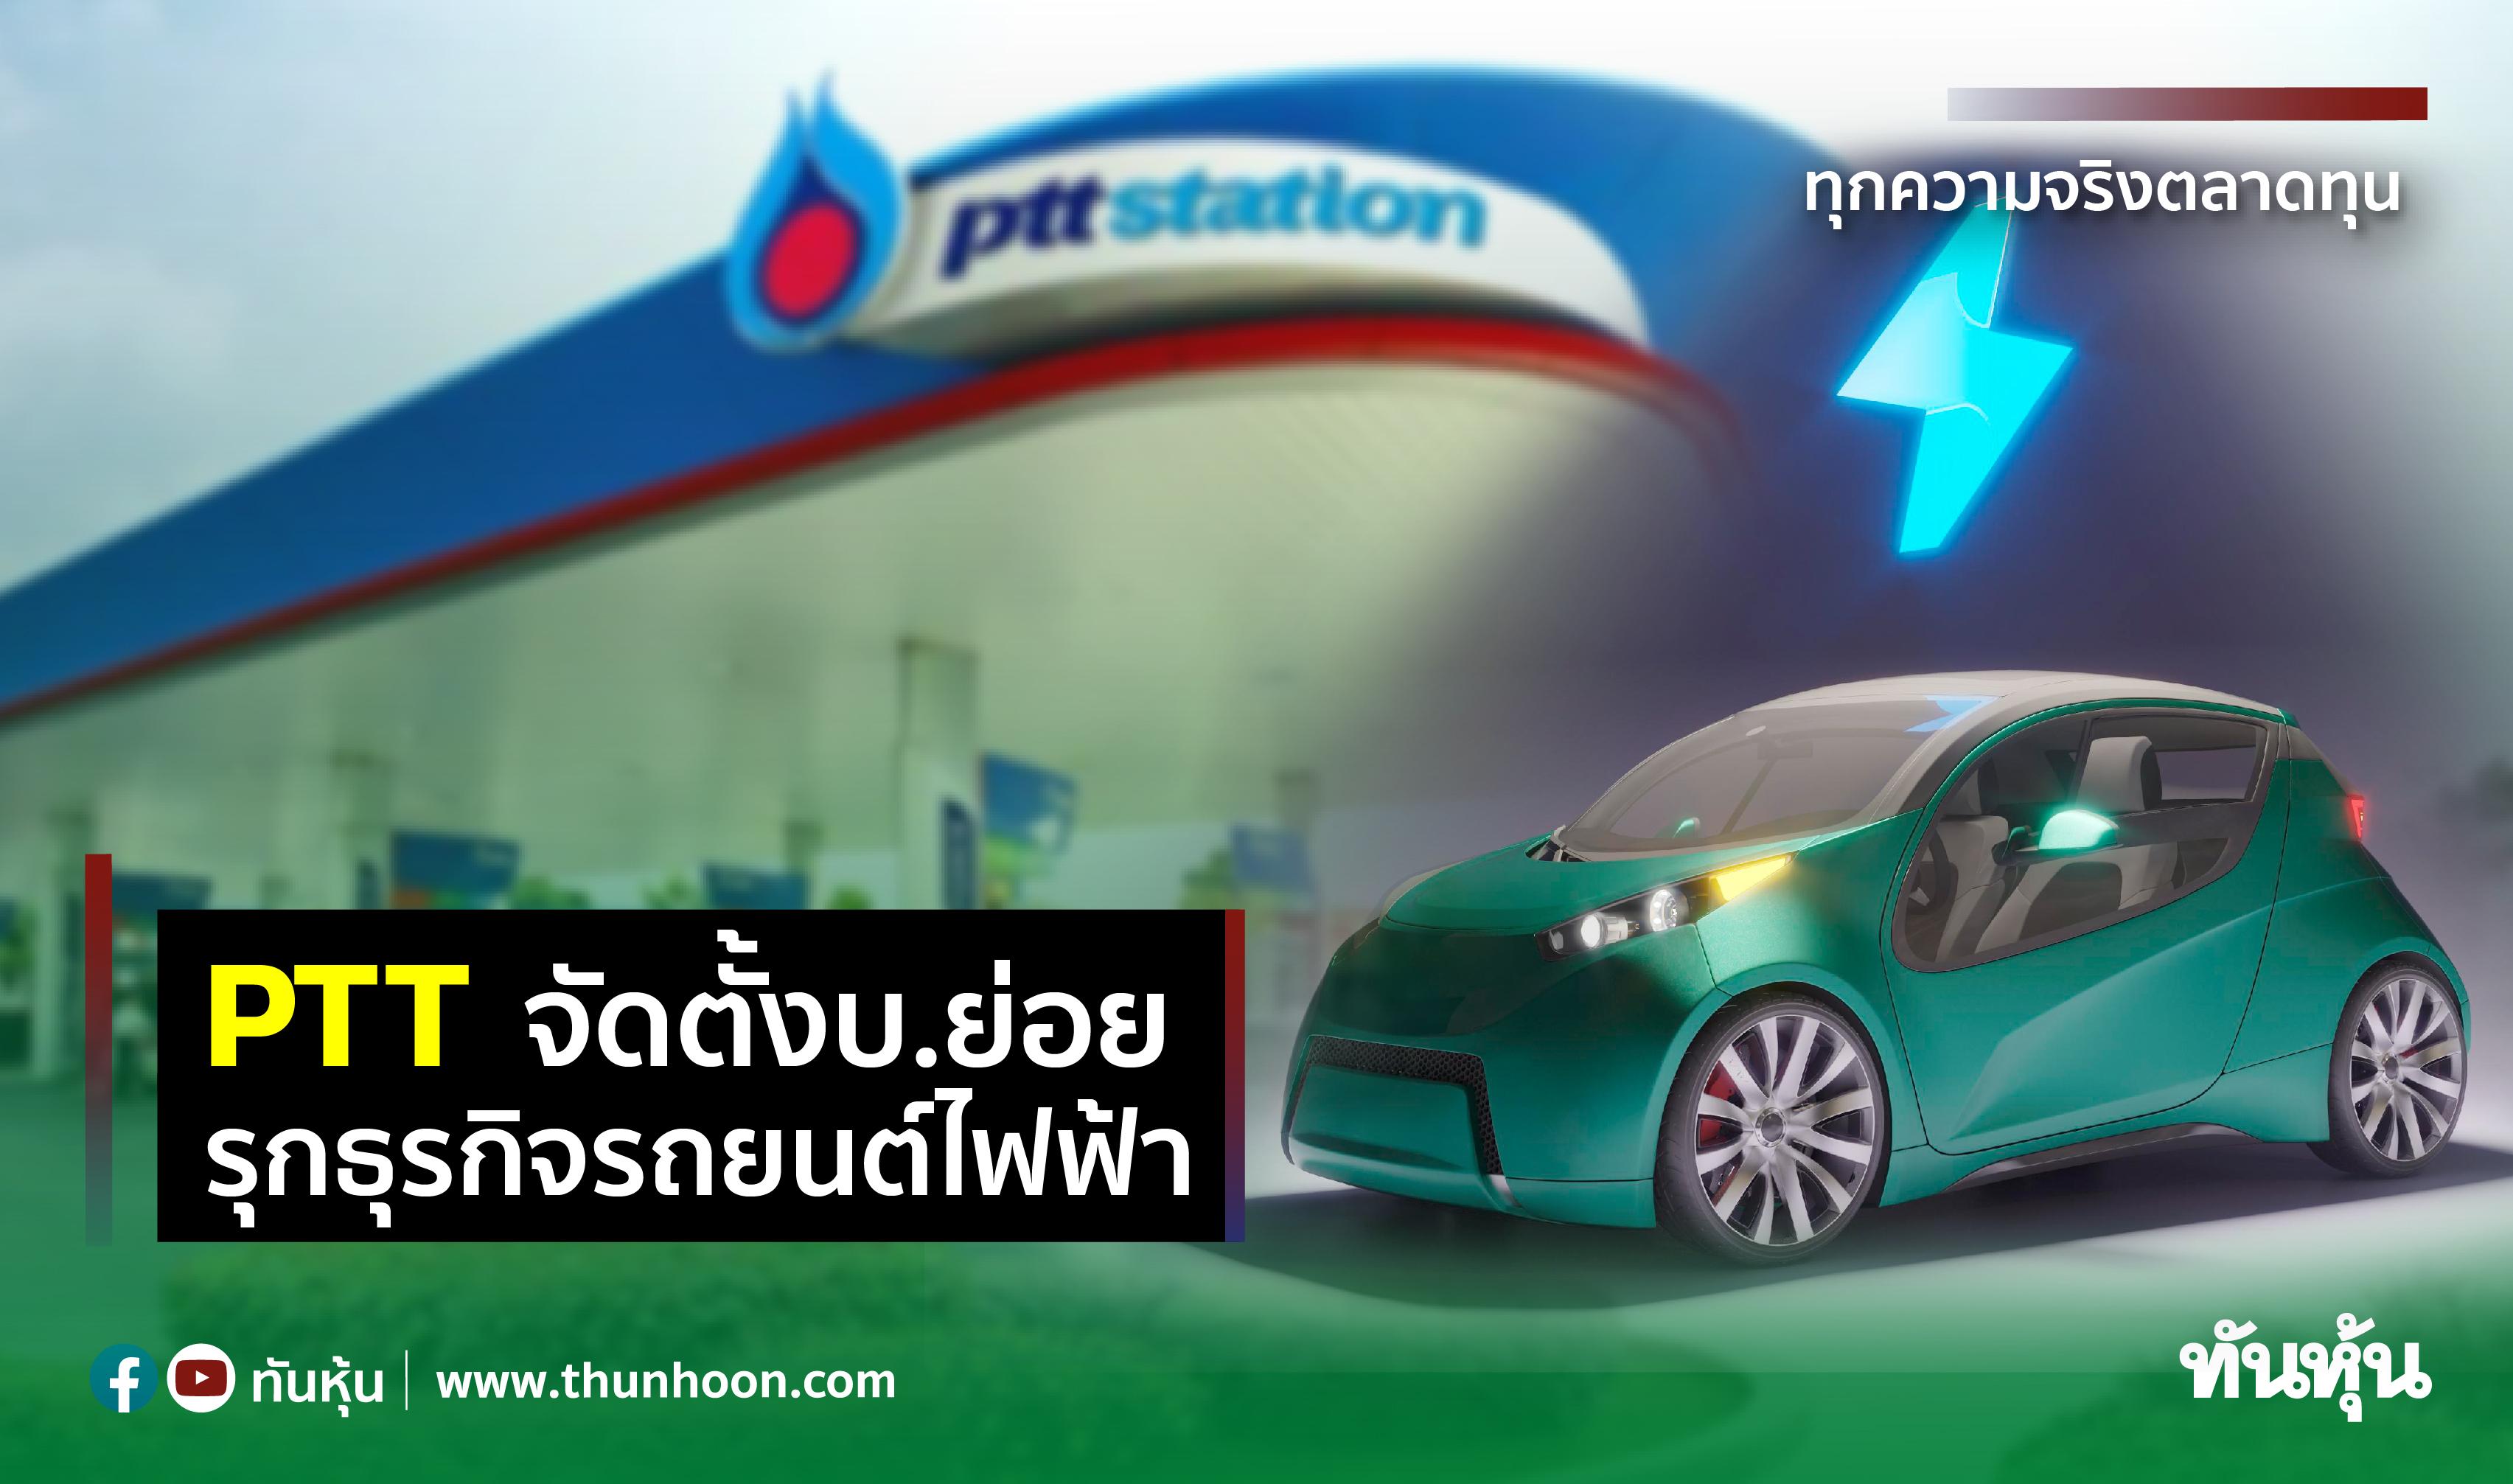 PTT จัดตั้งบ.ย่อยรุกธุรกิจรถยนต์ไฟฟ้า